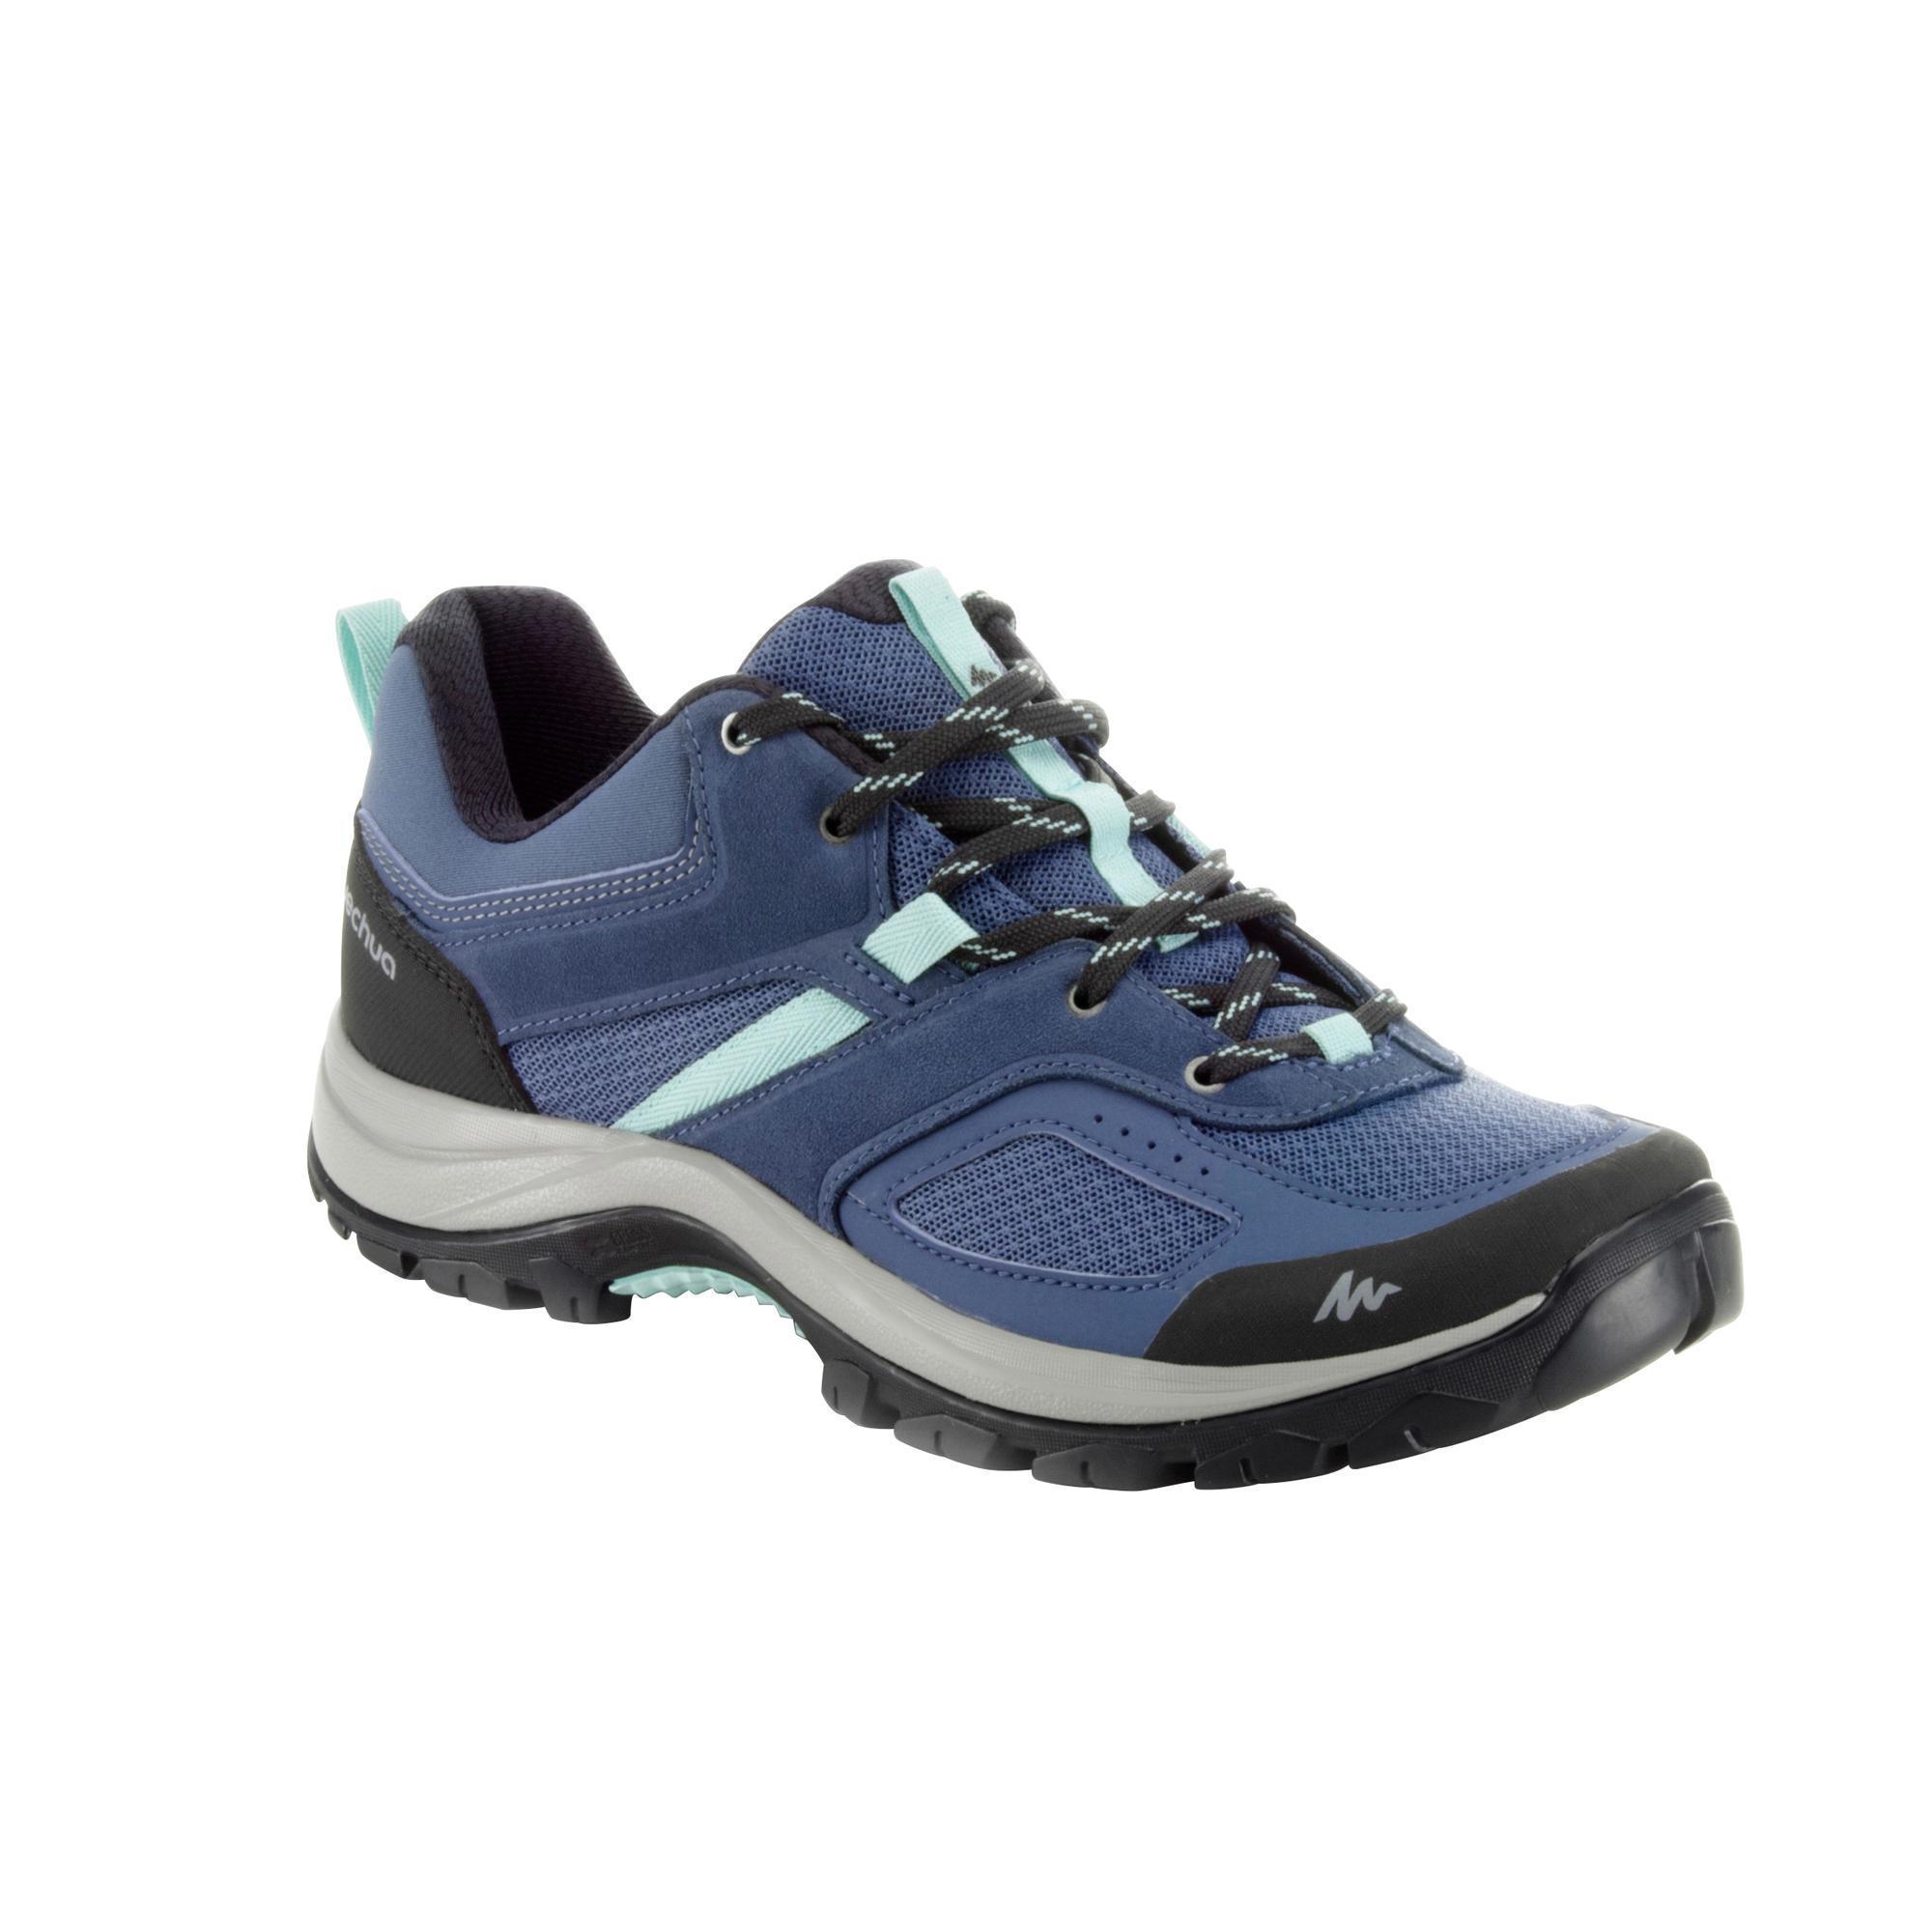 Women's China Blue Mountain Hiking 100 shoes